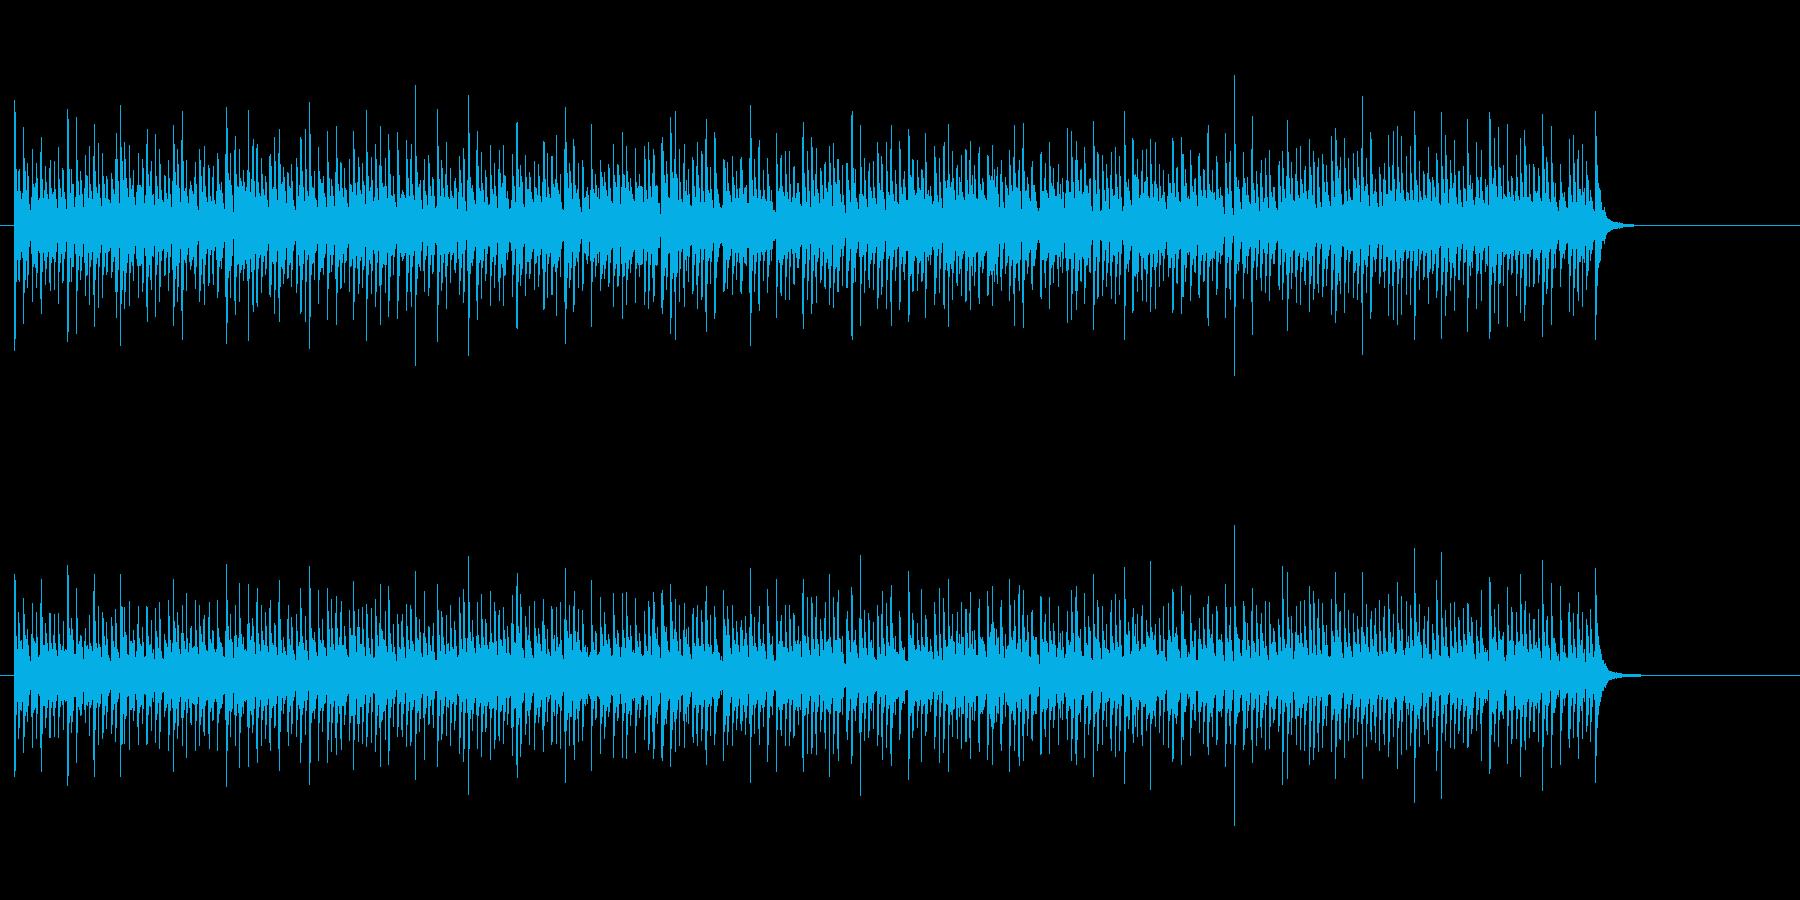 コミカルなパーカッションアンサンブルの再生済みの波形